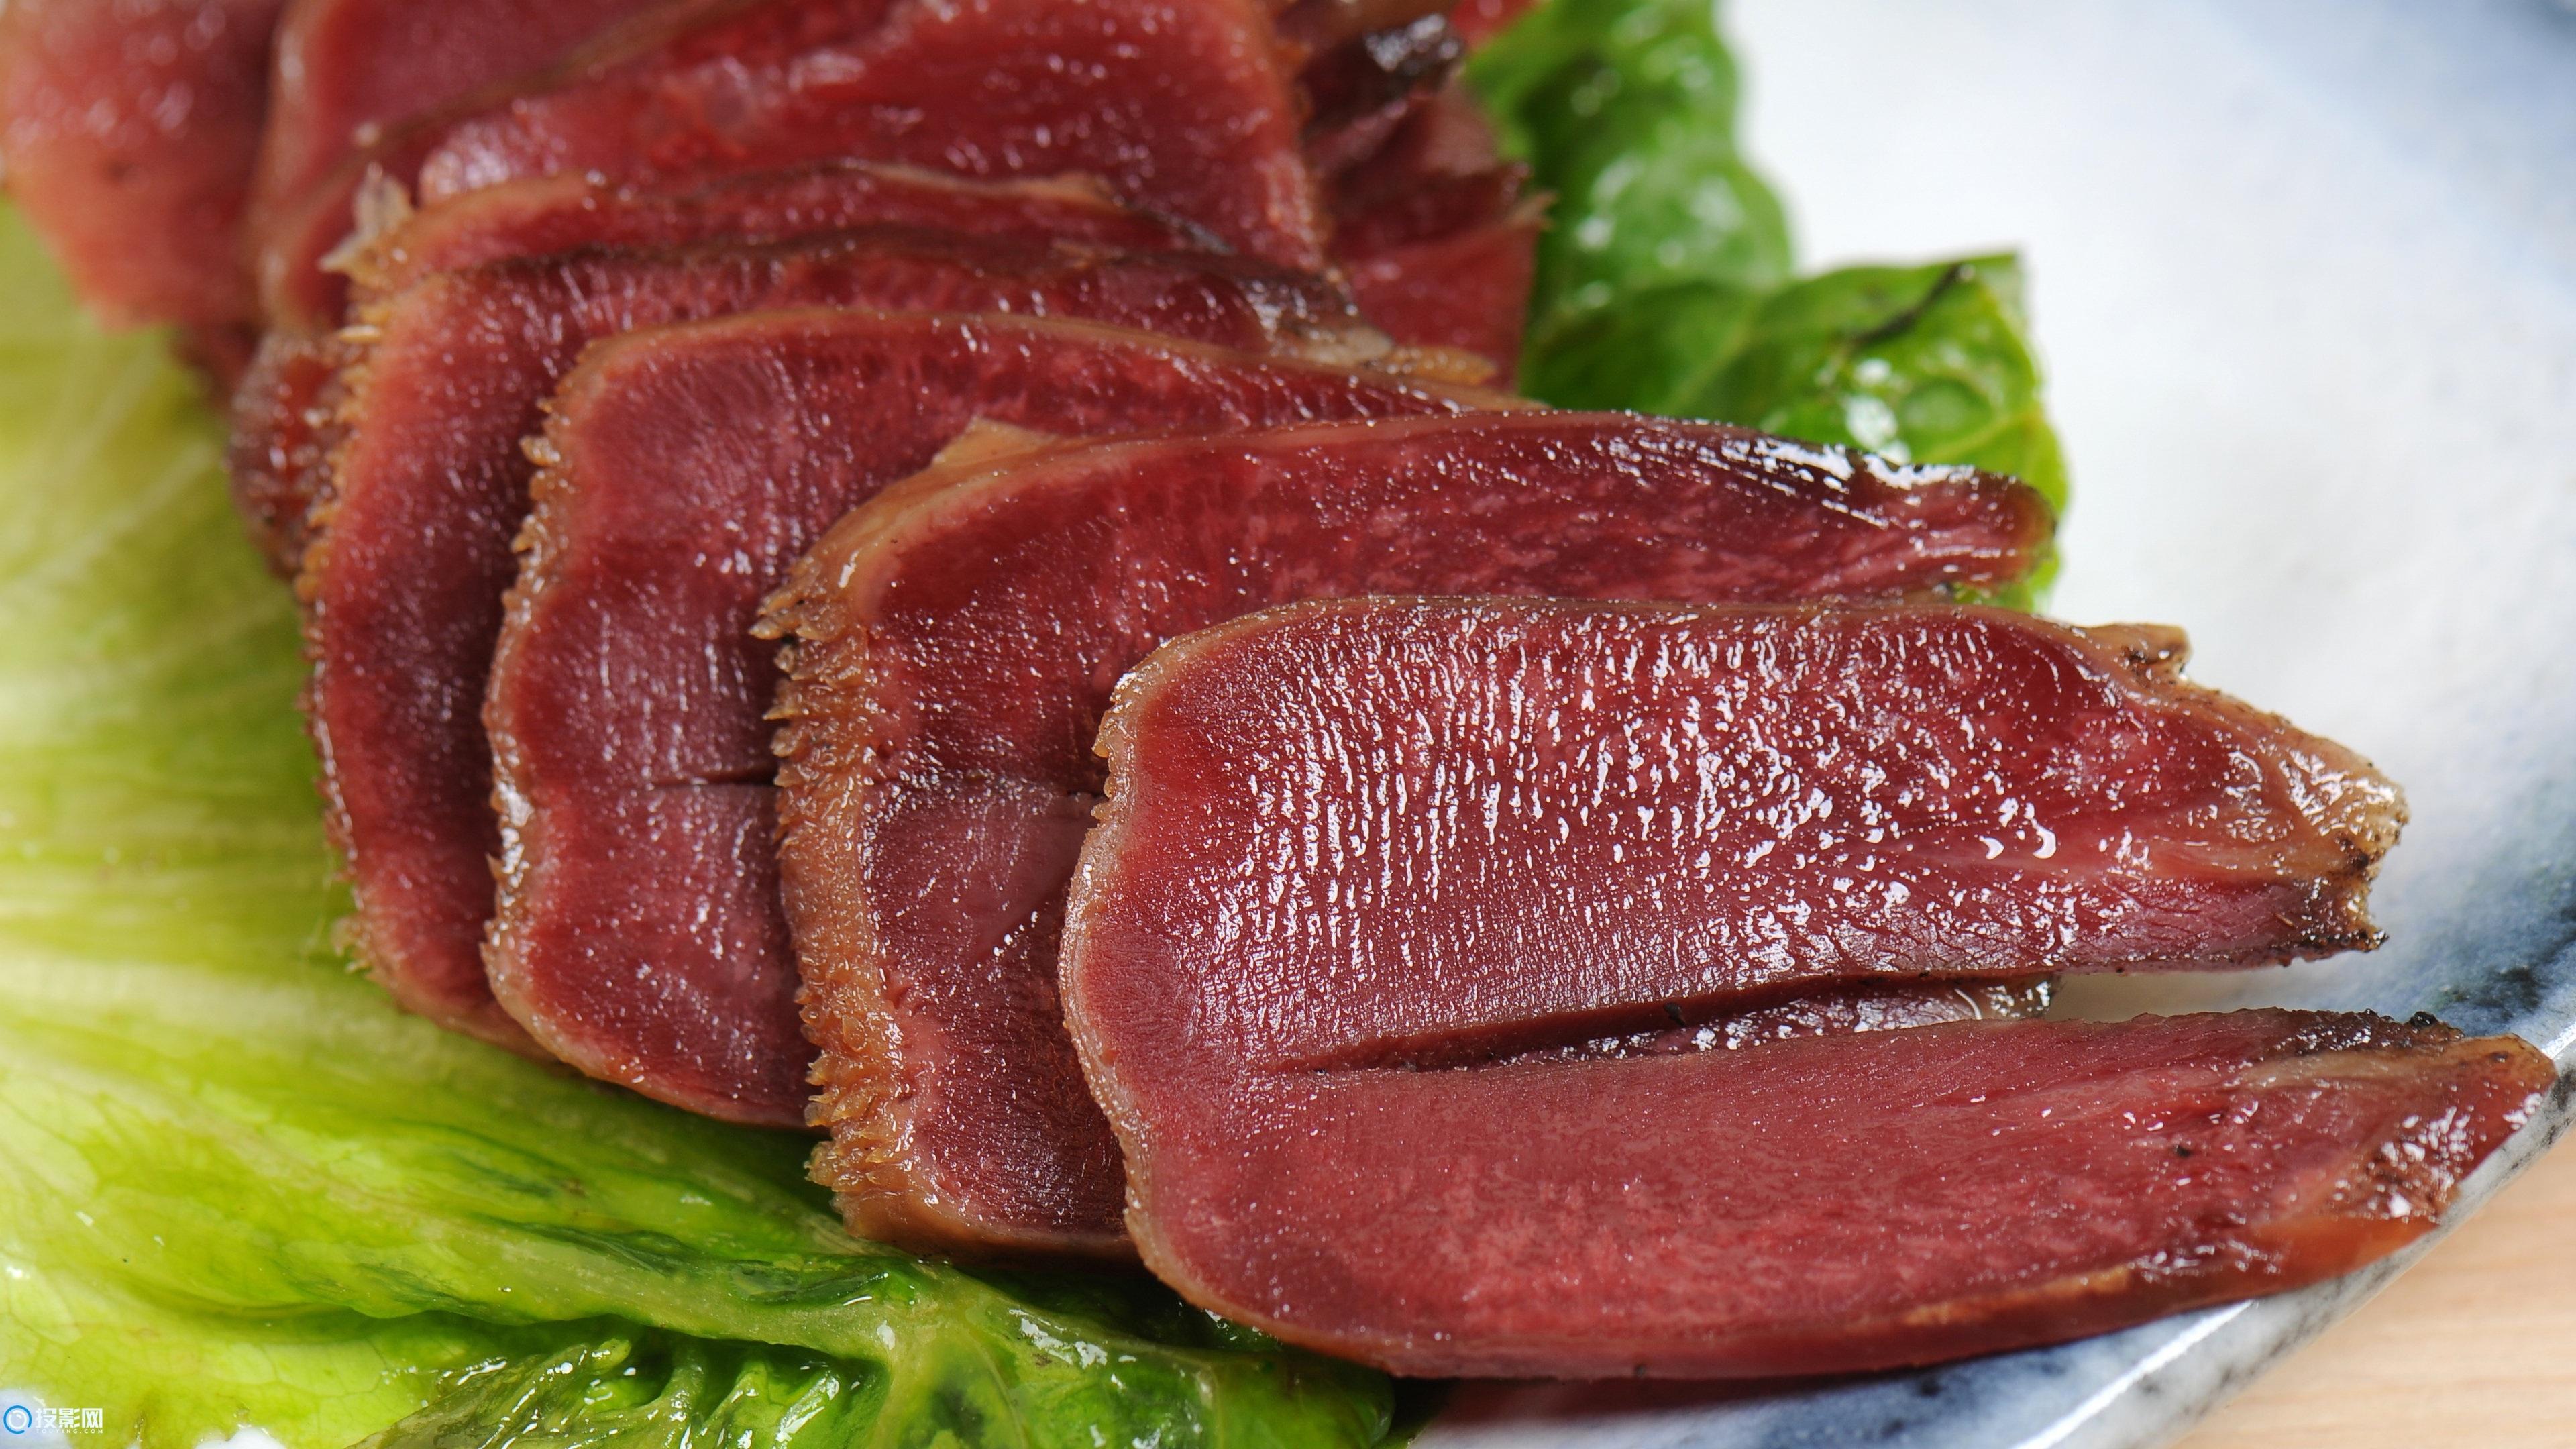 4k熏腊肉高清图片12P [分辨率3840x2160x16.0MB]